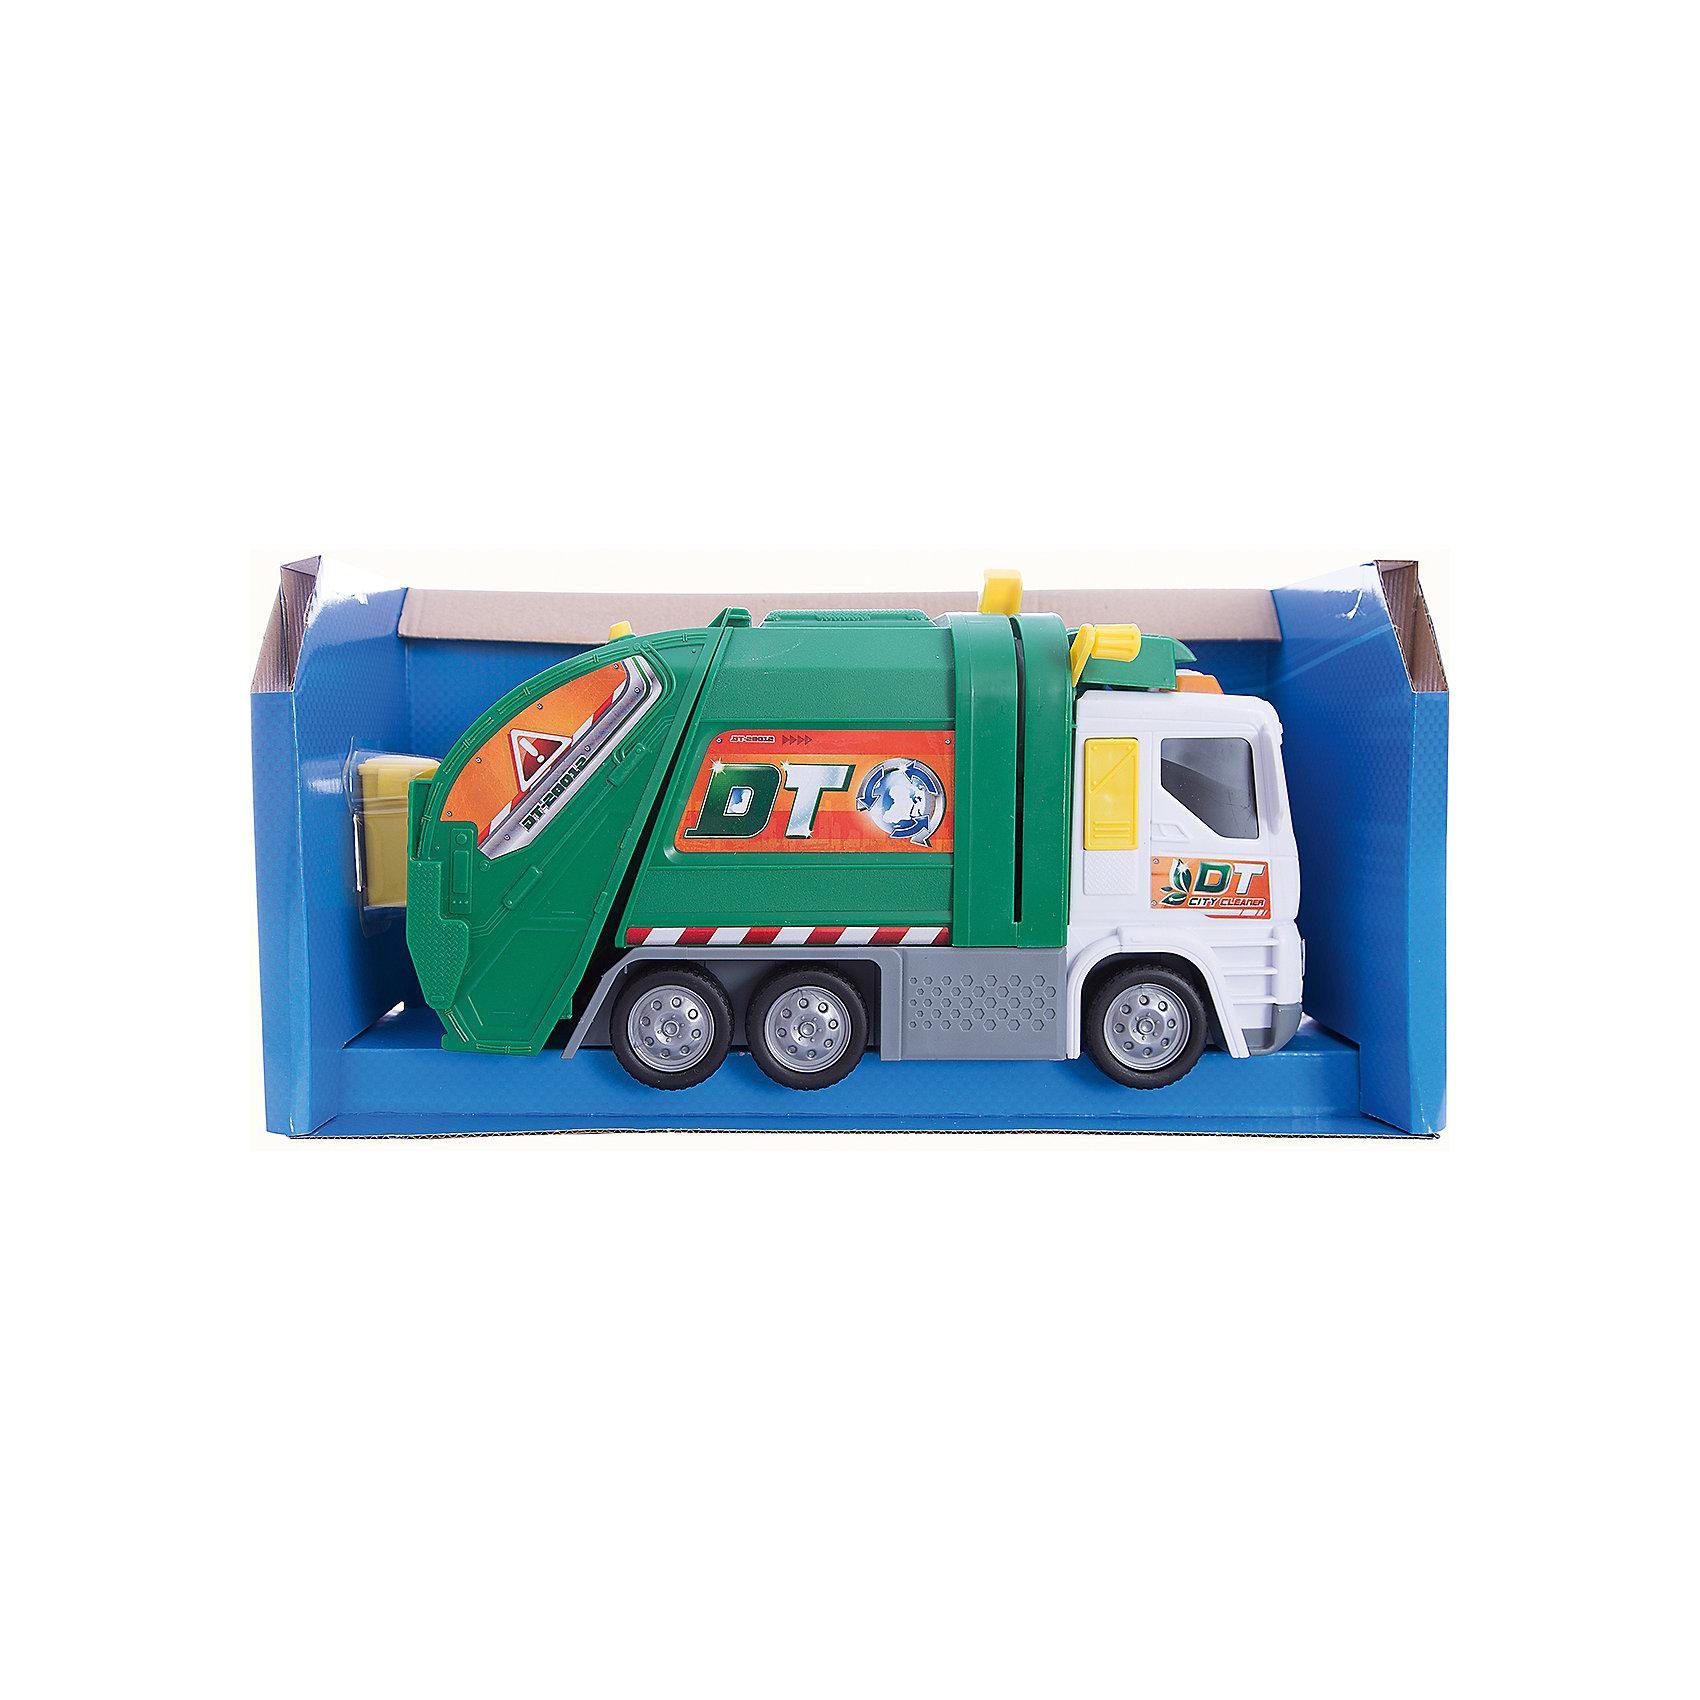 Мусоровоз со светом и звуком, 30см, Dickie ToysМашинки<br>Характеристики товара:<br><br>- цвет: разноцветный;<br>- материал: пластик;<br>- габариты: 30 см;<br>- комплектация: машина, мусорный бак, контейнер;<br>- батарейки: 2хАА в комплекте;<br>- возраст: 3+.<br><br>Машинки и комплектующие к ним – безусловные фавориты среди детских игрушек для мальчиков. Специализированная техника – желанный подарок всех деток. У игрушки есть рычаг, который умеет опускать и поднимать мусорный бак, чтобы затем опрокинуть его в большой контейнер - кузов. Работает от обычных пальчиковых батареек. Есть возможность производить звуковые, а так же световые эффекты. Материалы, участвовавшие при создании и изготовлении изделия полностью безопасны для малыша, а так же отвечают современным международным требованиям по качеству детских товаров.<br><br>Игрушку Мусоровоз со светом и звуком, 30 см от бренда Dickie Toys можно купить в нашем интернет-магазине.<br><br>Ширина мм: 400<br>Глубина мм: 200<br>Высота мм: 150<br>Вес г: 1000<br>Возраст от месяцев: 36<br>Возраст до месяцев: 168<br>Пол: Мужской<br>Возраст: Детский<br>SKU: 5104804